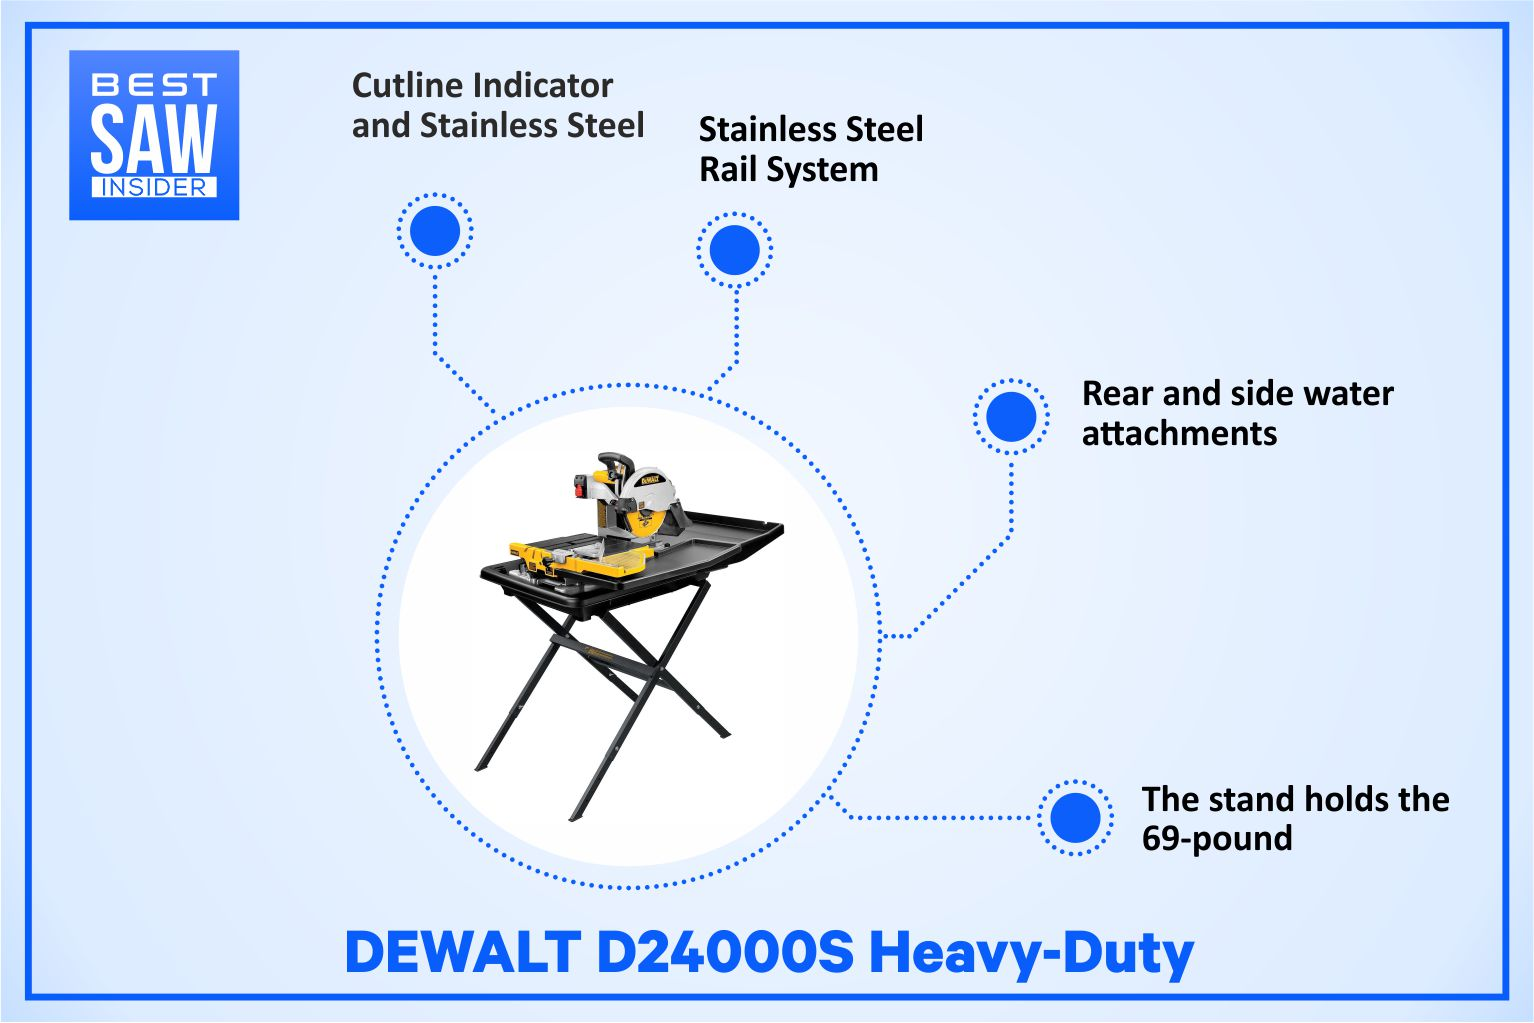 Dewalt D24000S infographic detail